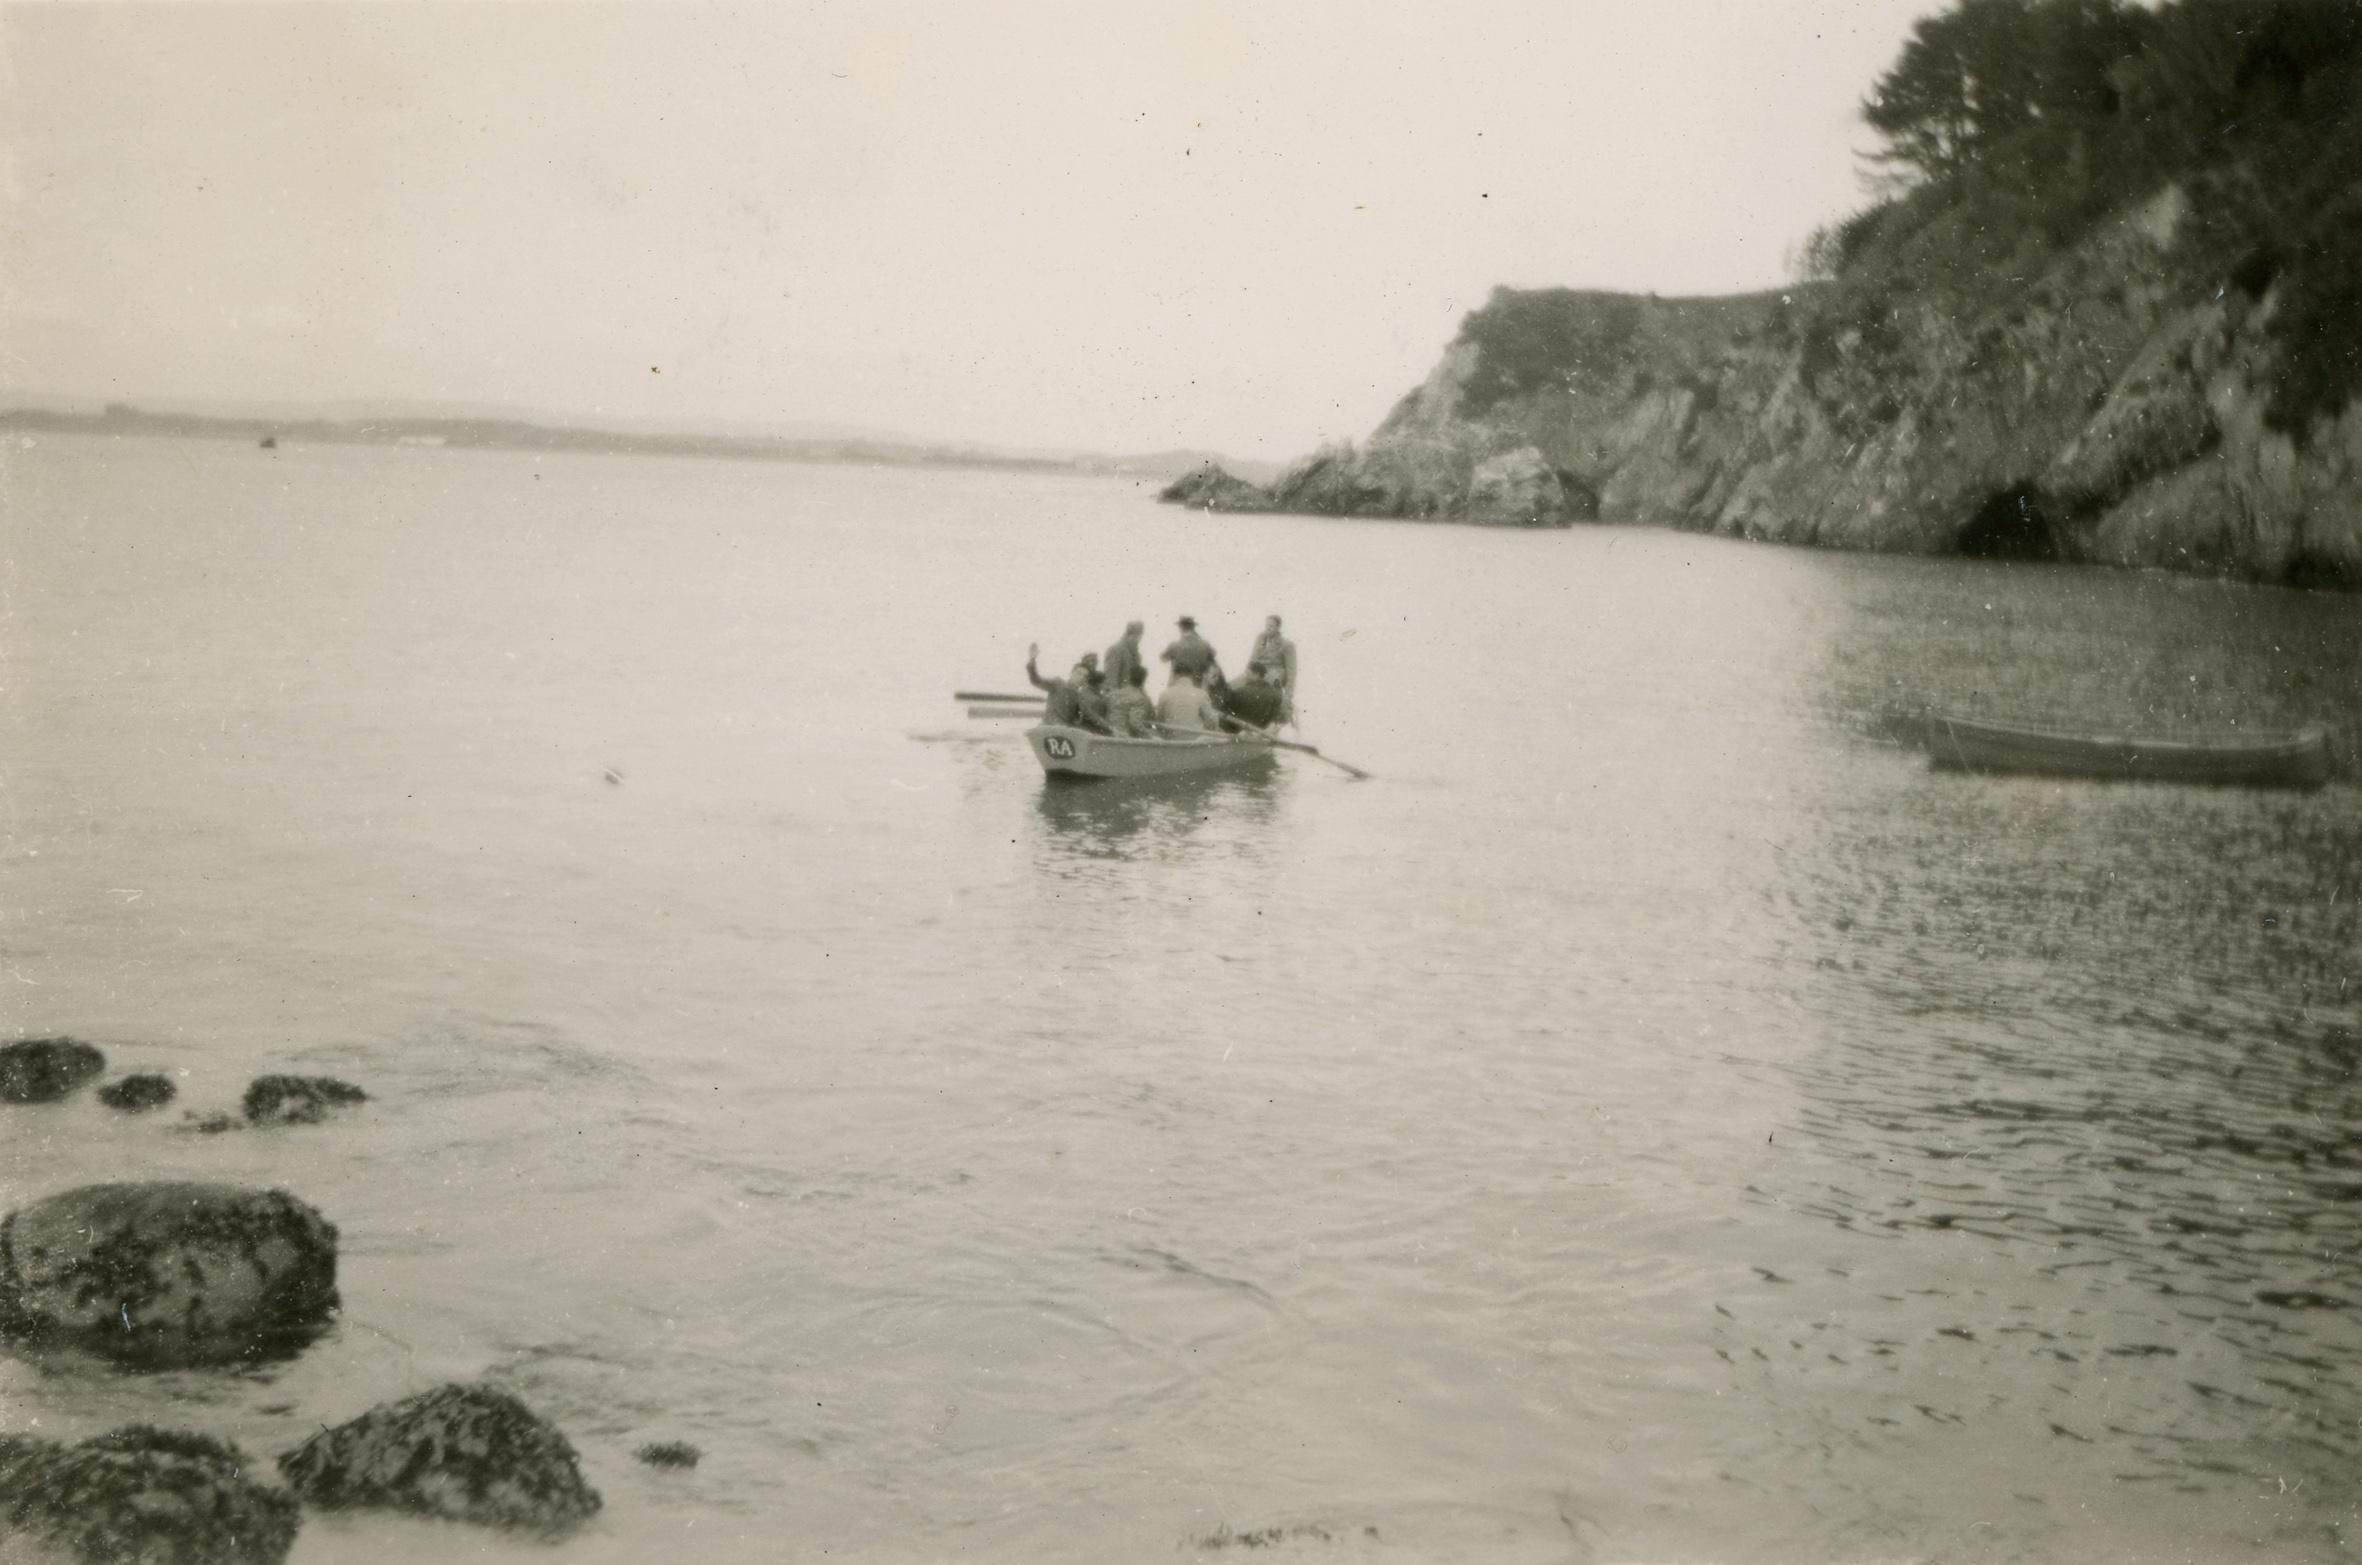 Enterreno - Fotos históricas de chile - fotos antiguas de Chile - Playa de Ramuntcho en 1949